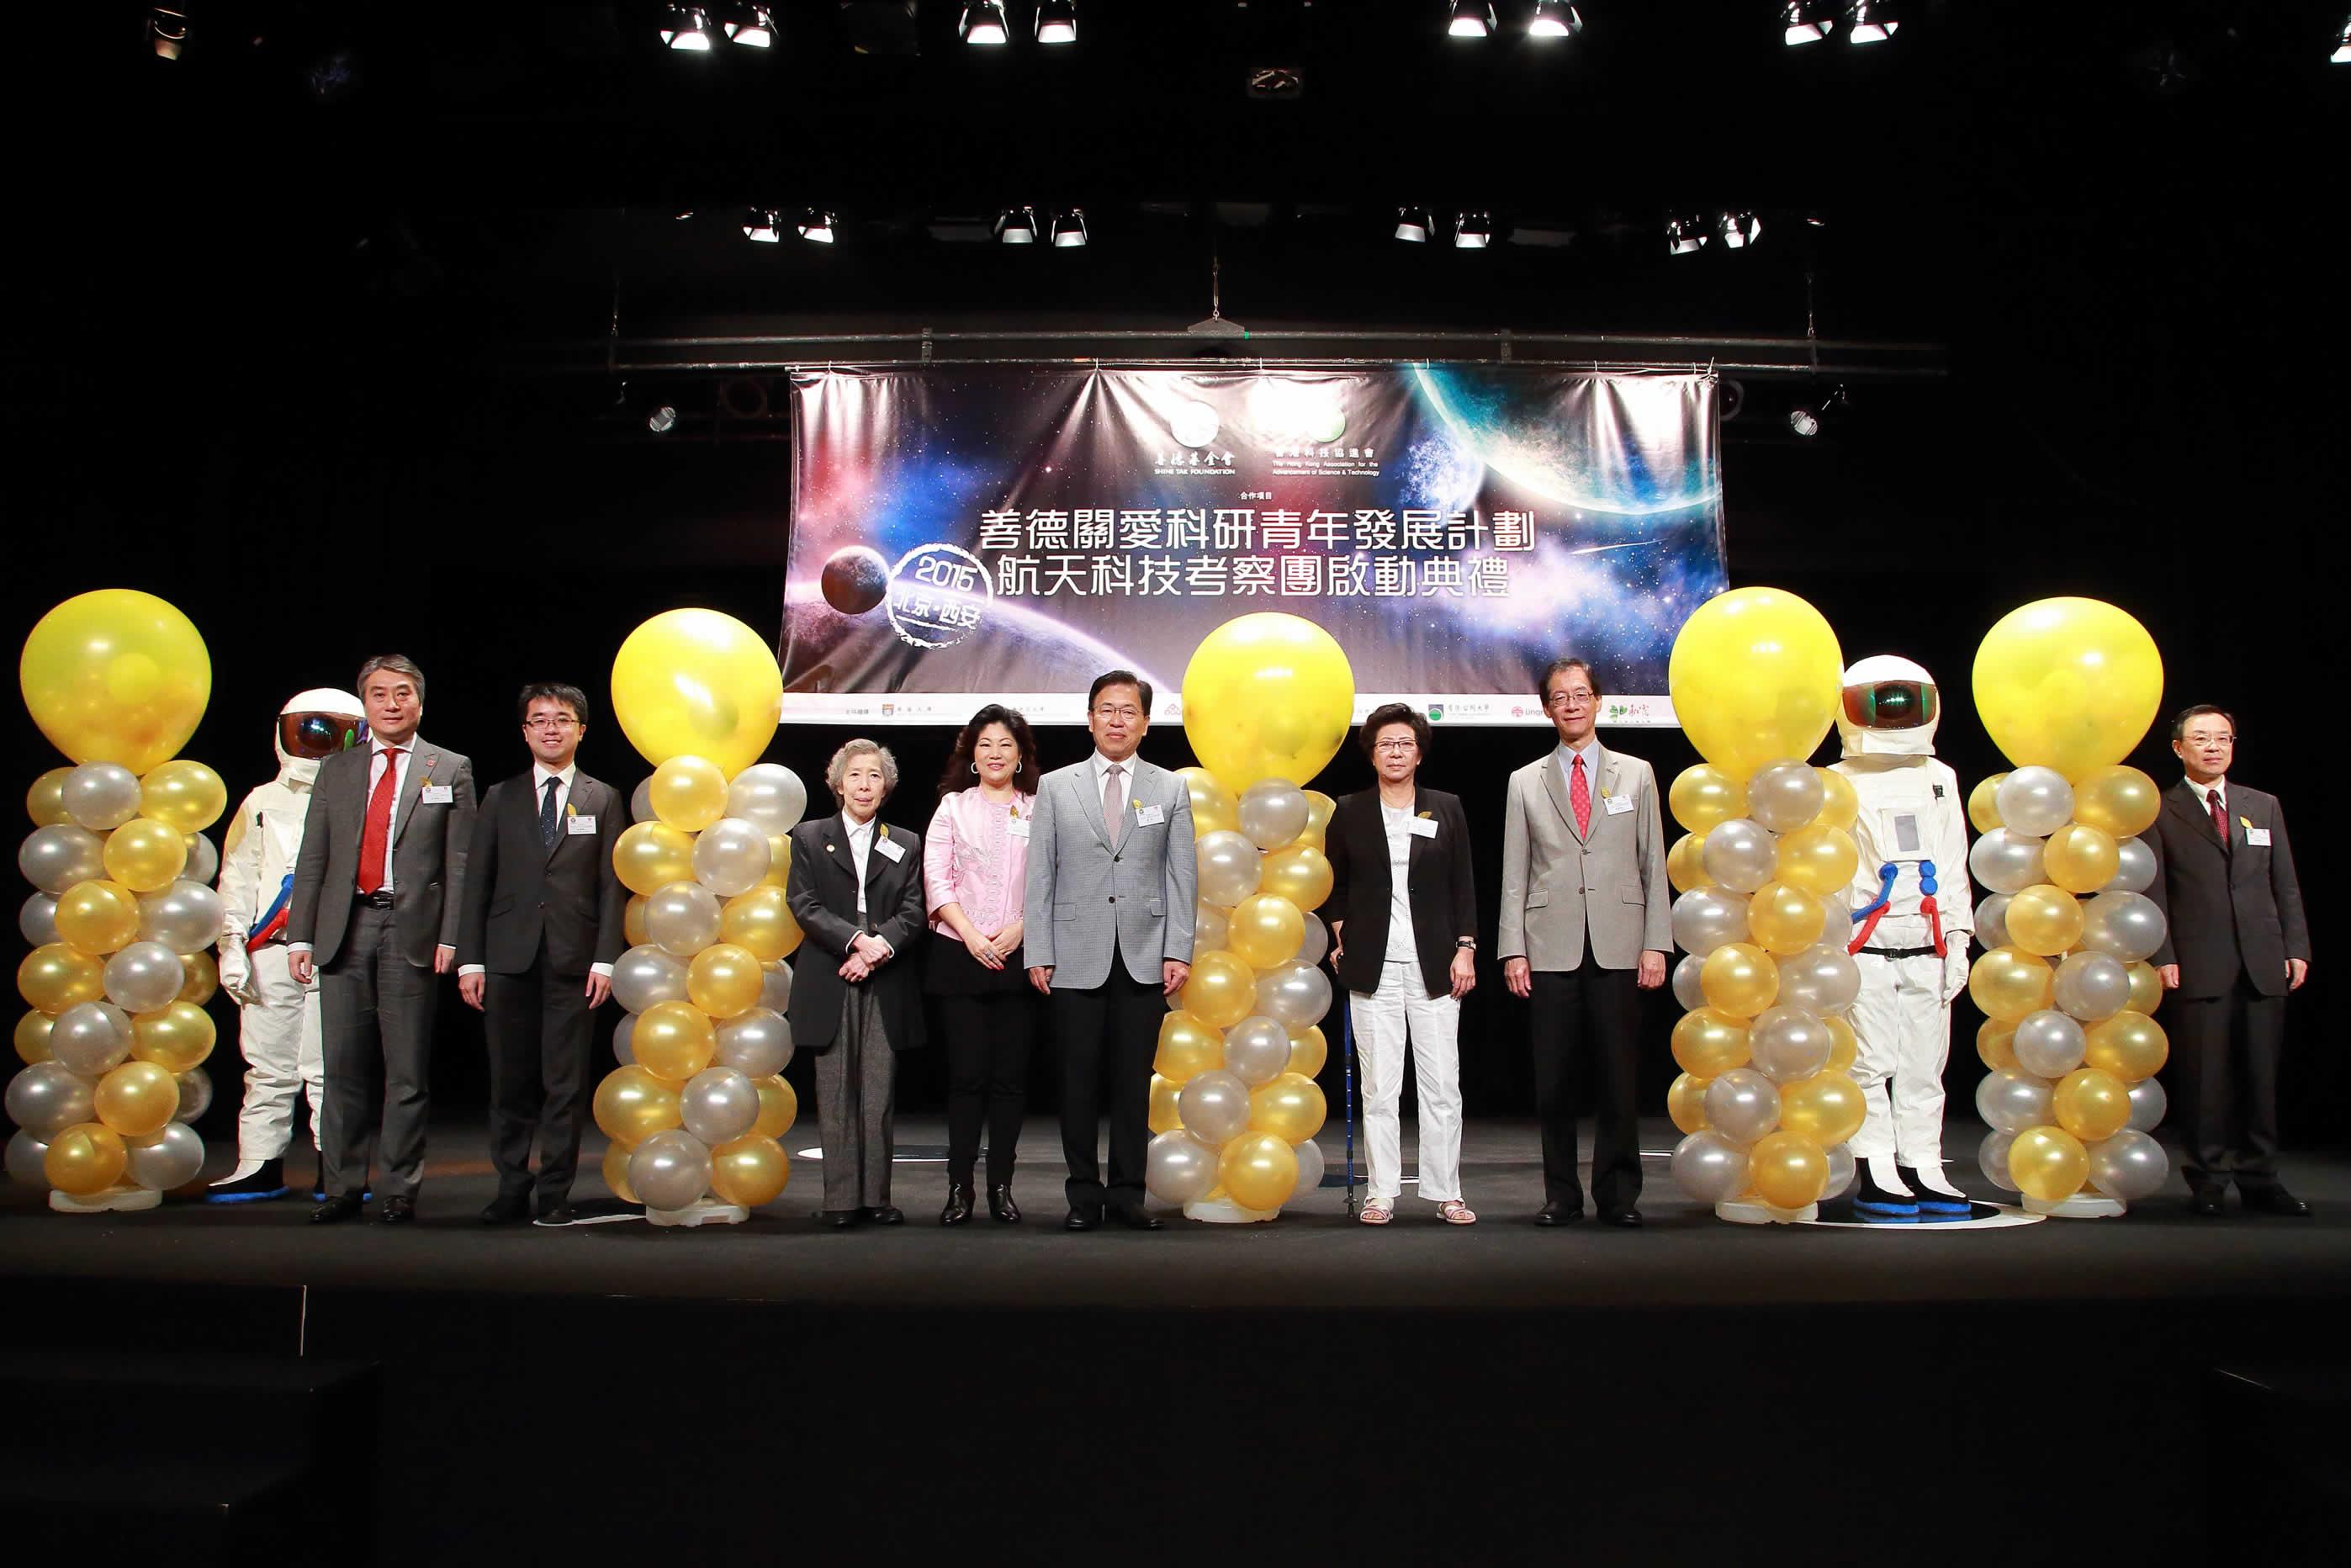 主辦單位與嘉賓在台上準備啟動儀式。